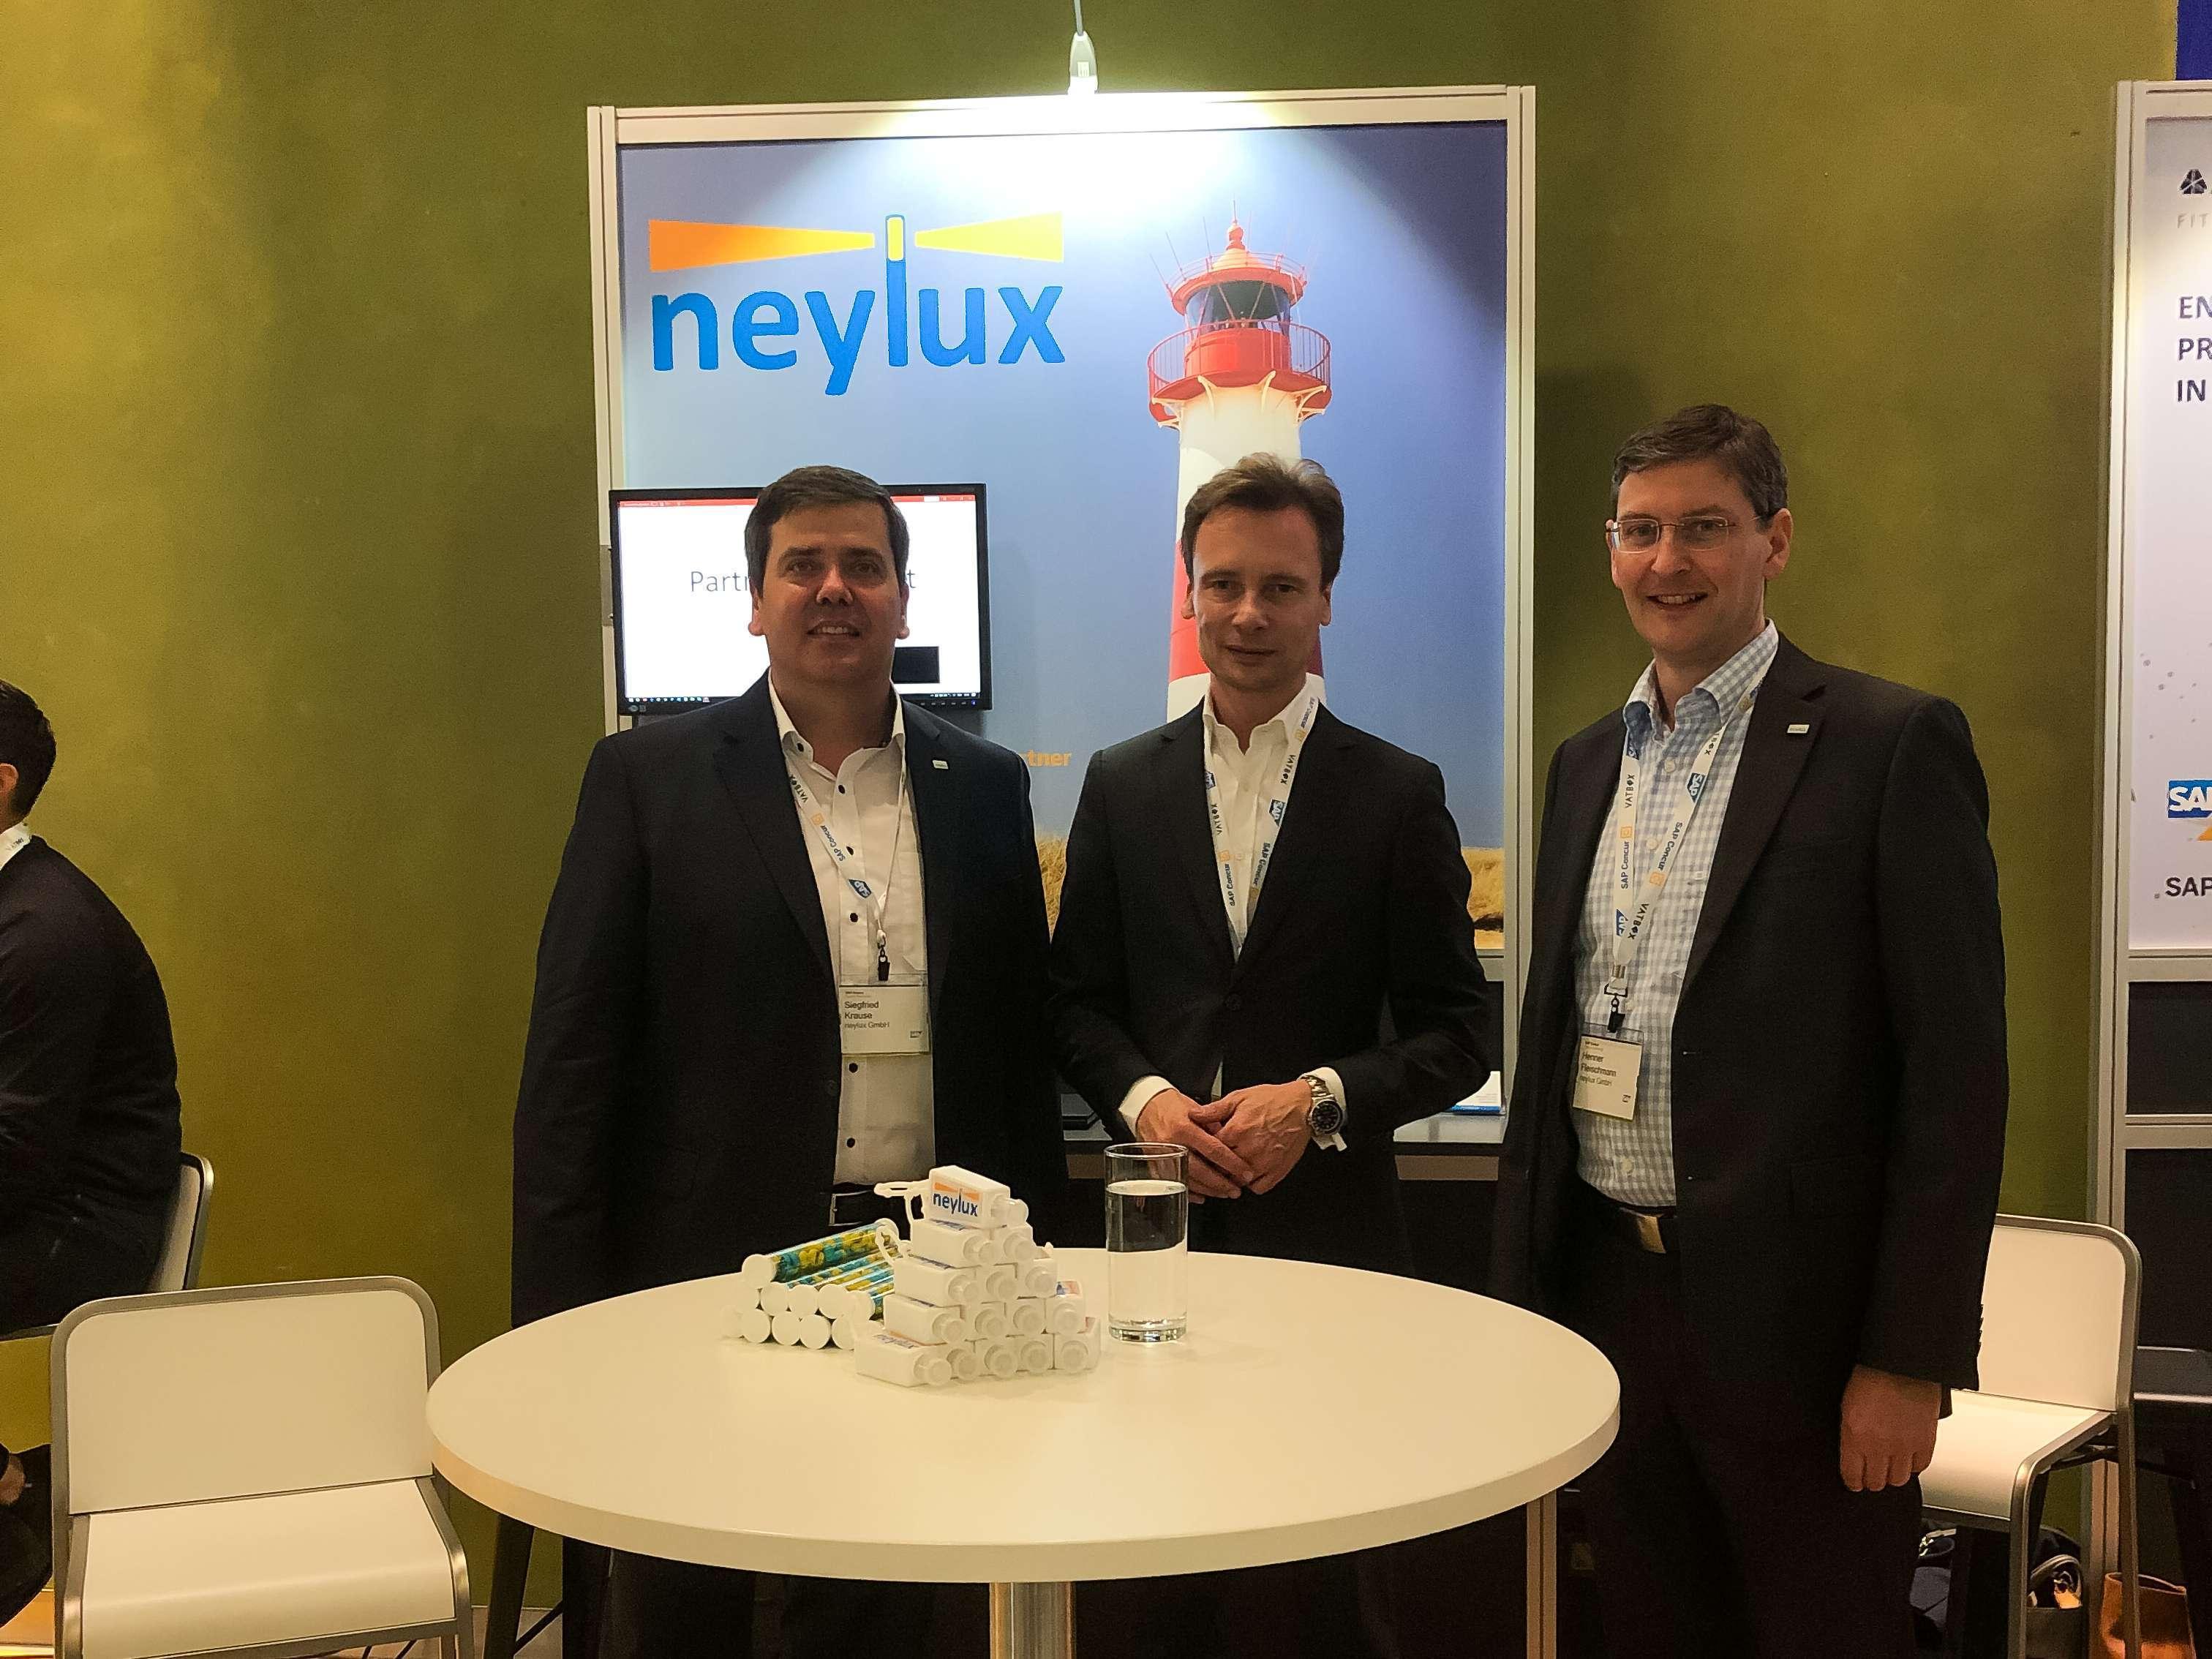 neylux schließt Partnerschaft mit PSP